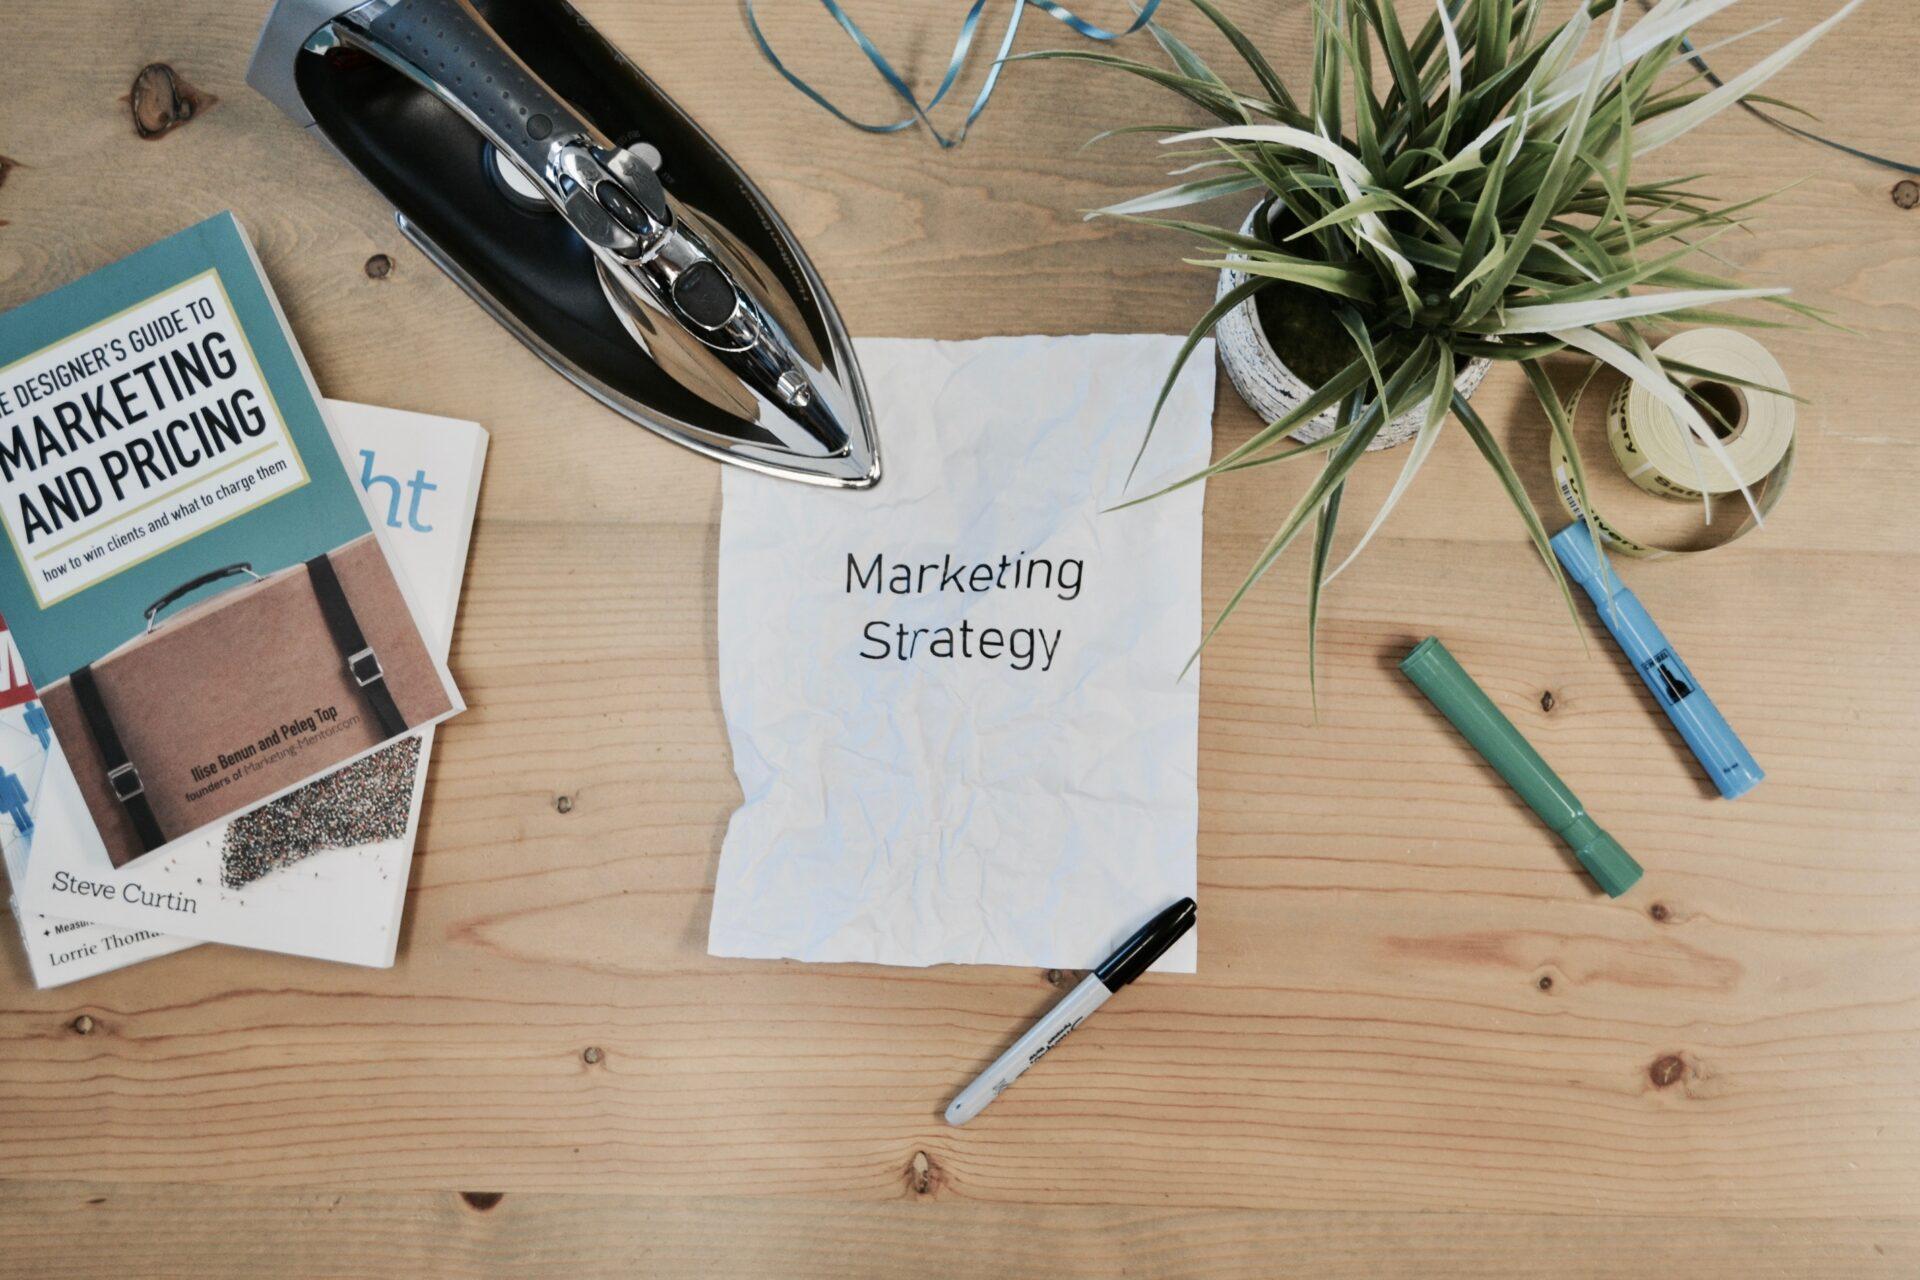 Du behöver en marknadsföringsstrategi